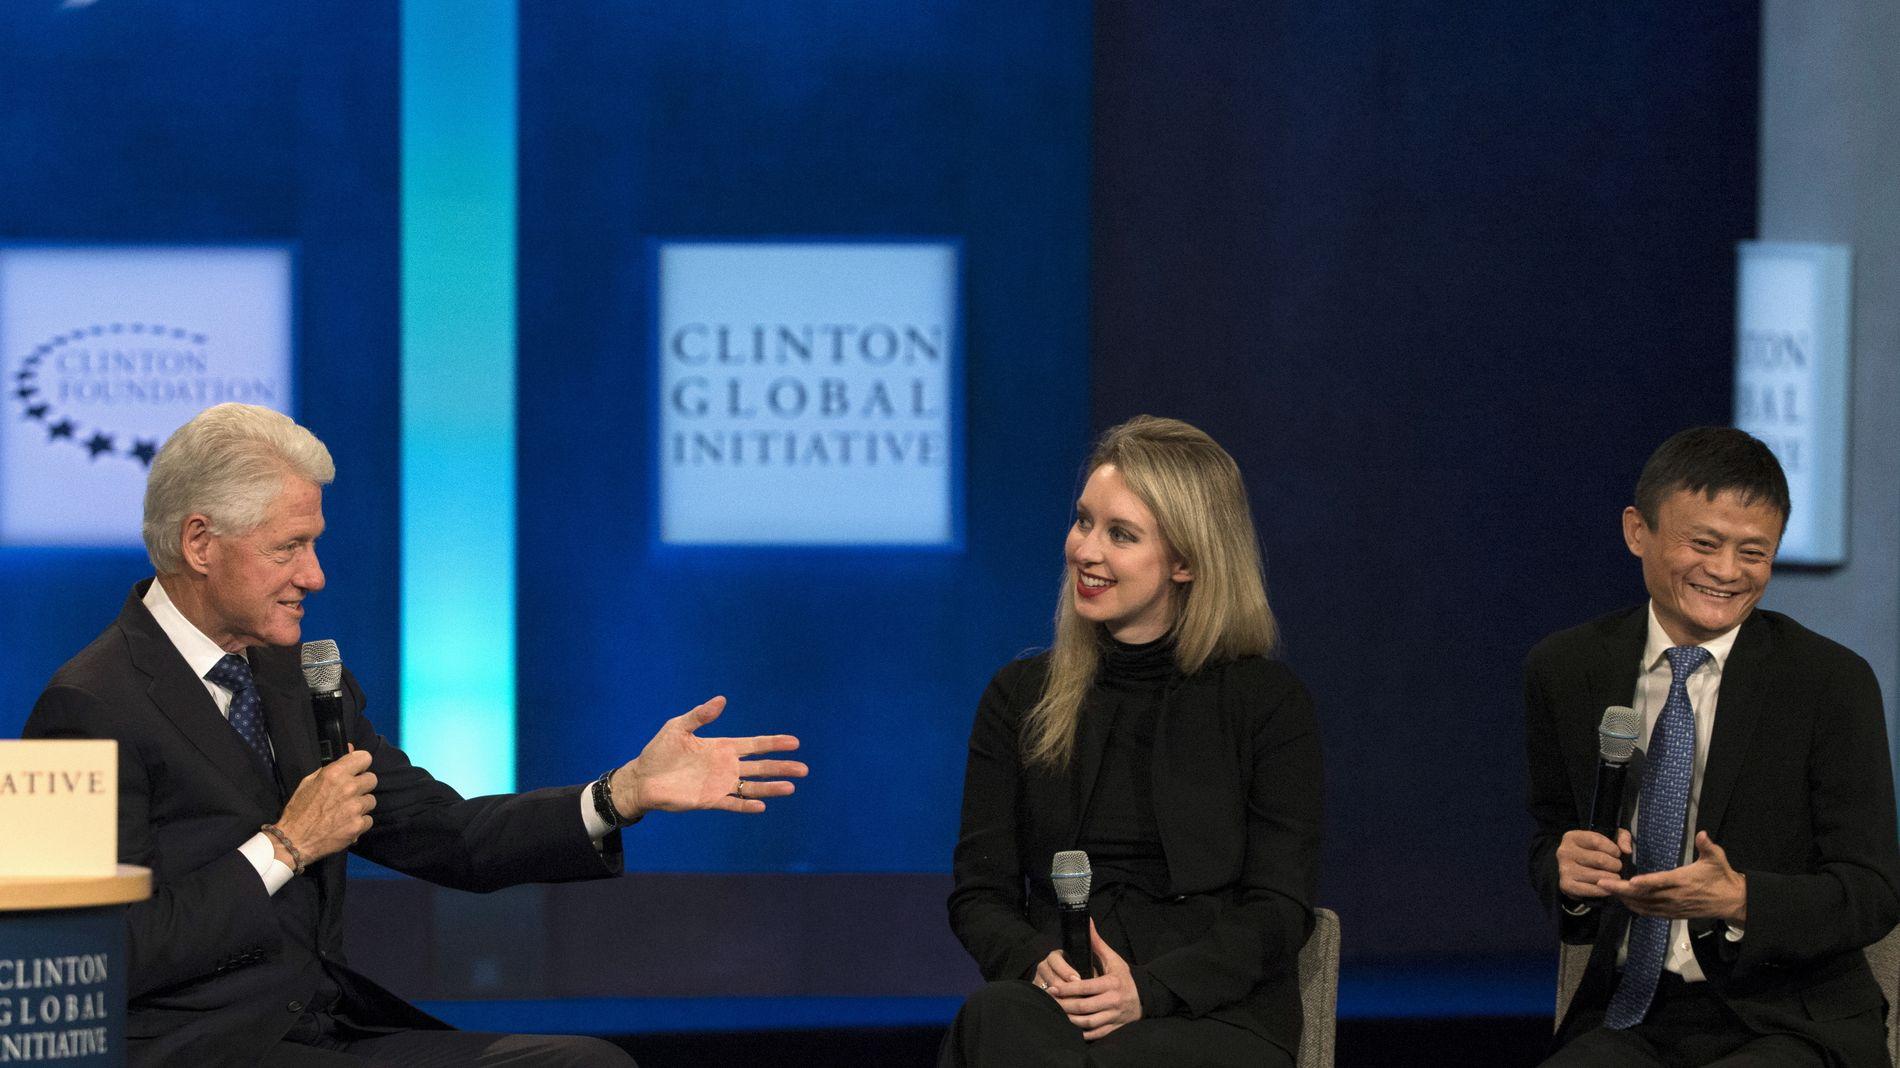 STIGENEDE STJERNE: Dette bildet oppsummerer anseelsen til Holmes før de mange ubehagelige avsløringene om selskapet Theranos begynte å komme. Her intervjues hun og Alibaba-gründer Jack Ma av Bill Clinton 29. september i fjor.